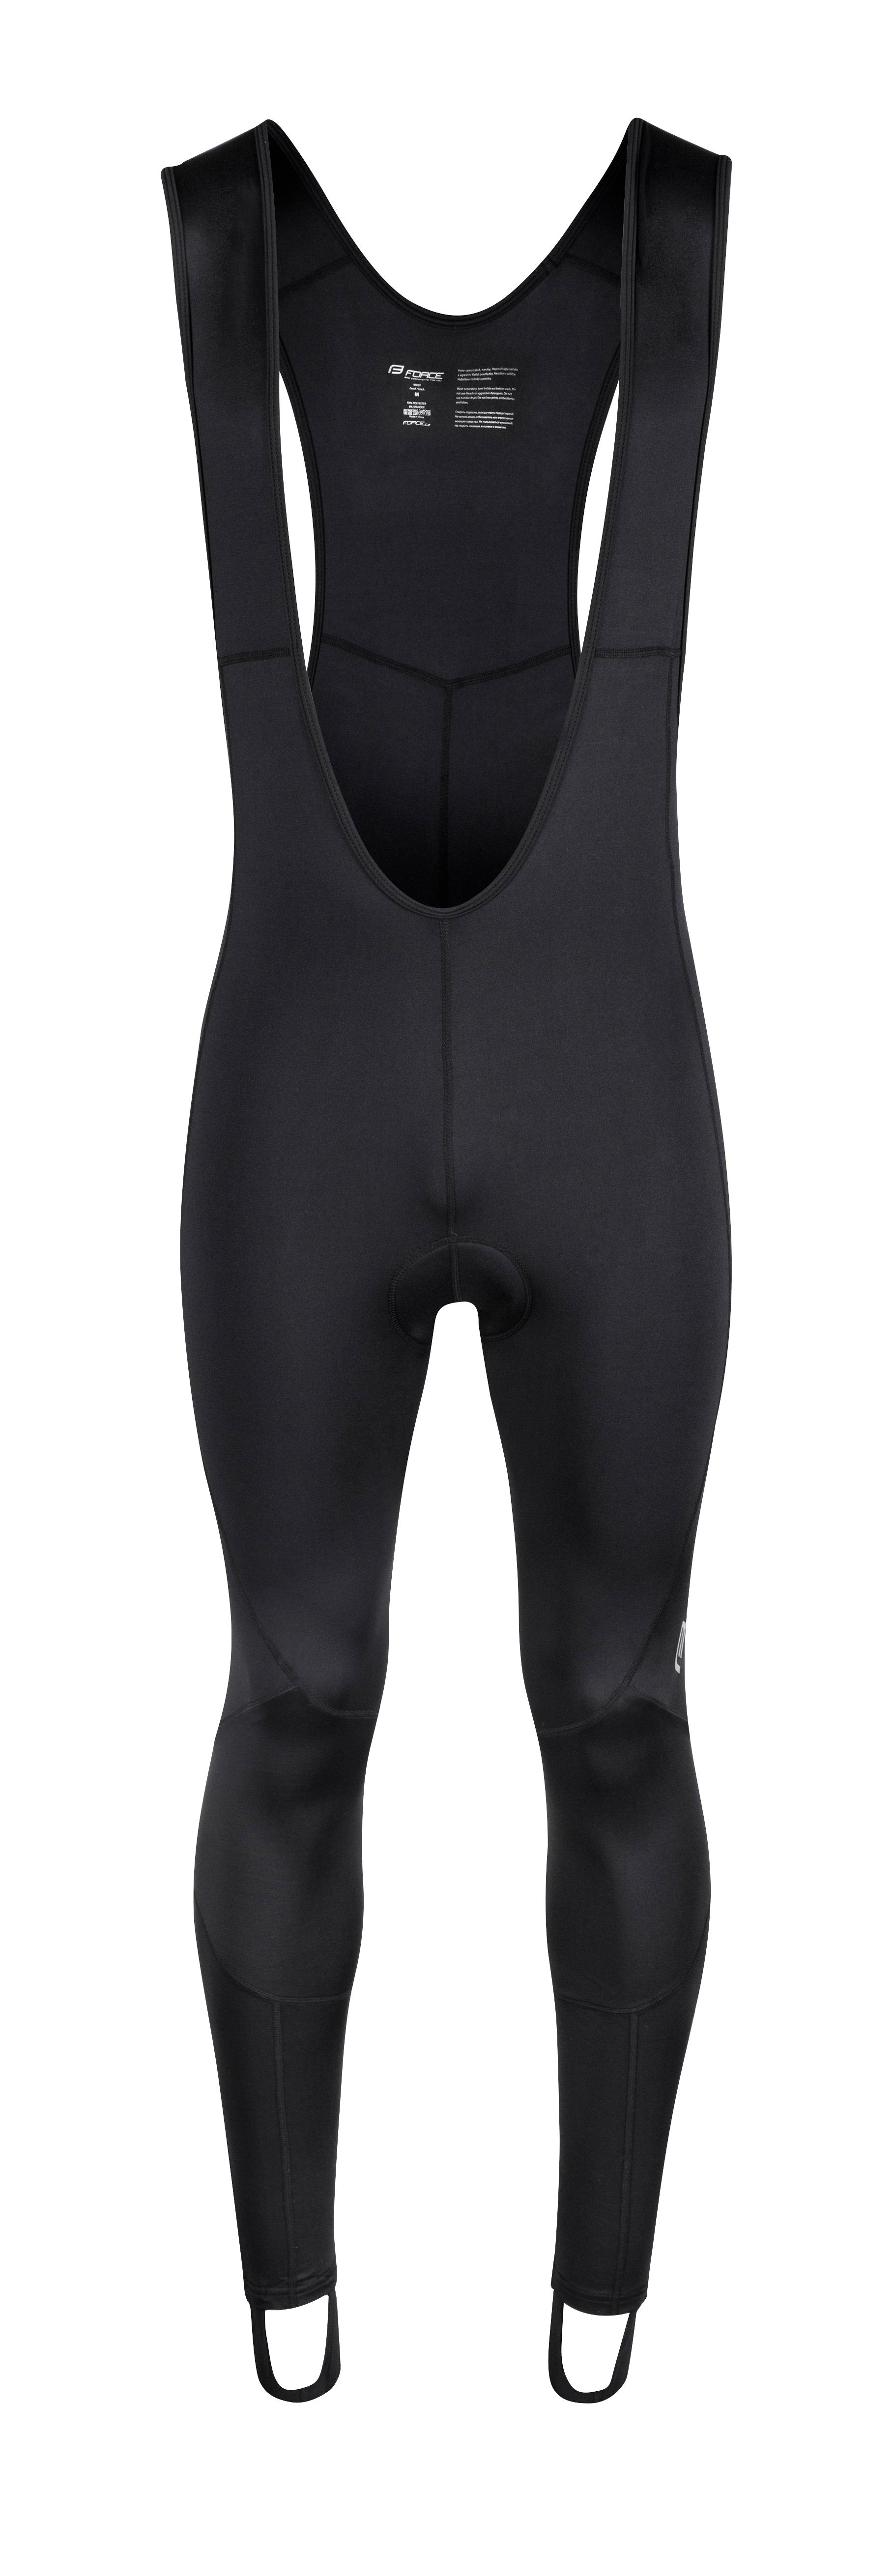 kalhoty FORCE Z68 se šráky a vložkou, černé XS